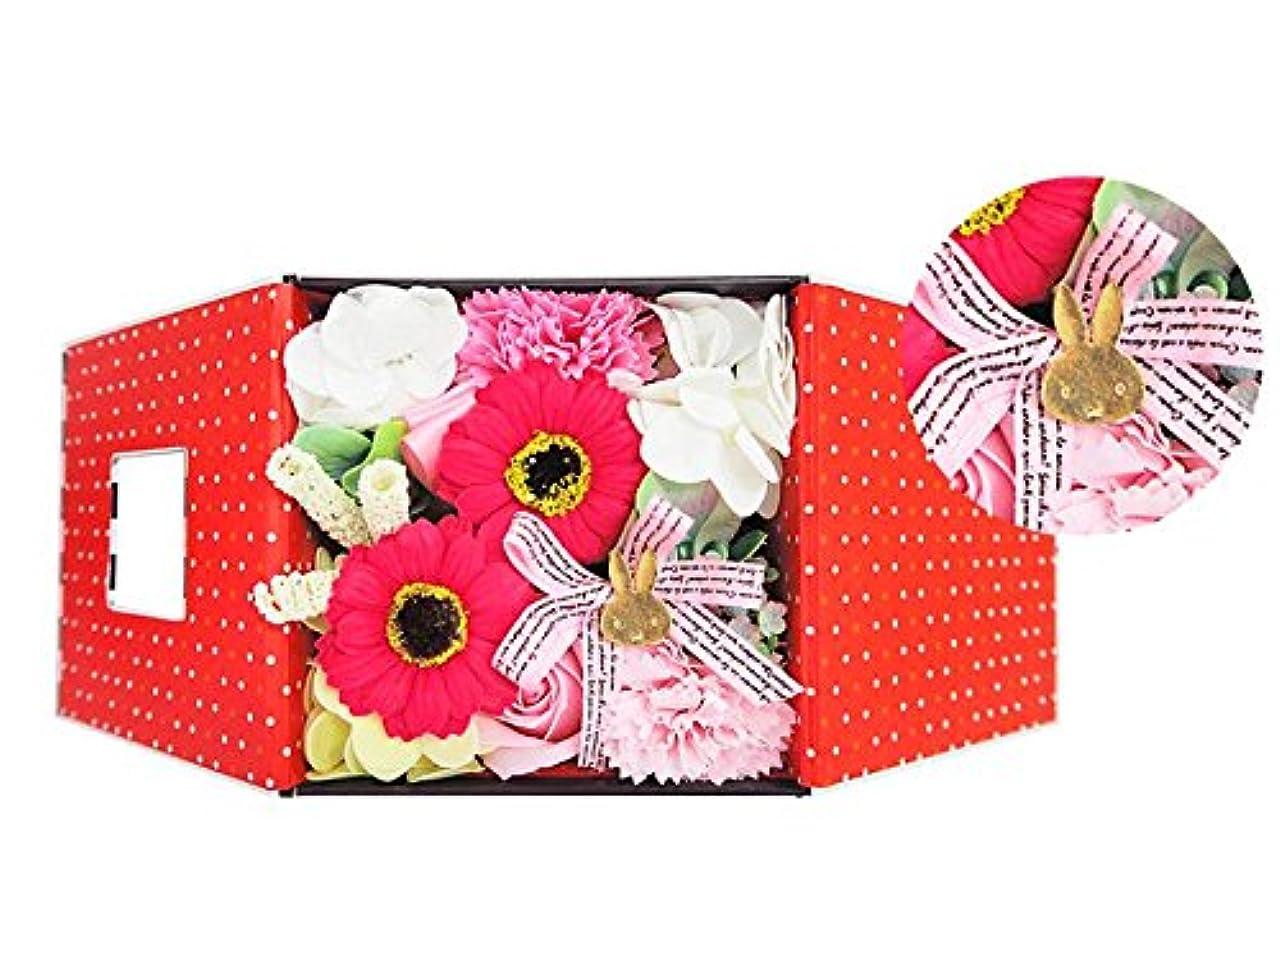 橋謝罪する流用するお花のカタチの入浴剤 ミッフィーバスフレグランスボックス 誕生日 記念日 お祝い (ピンク)